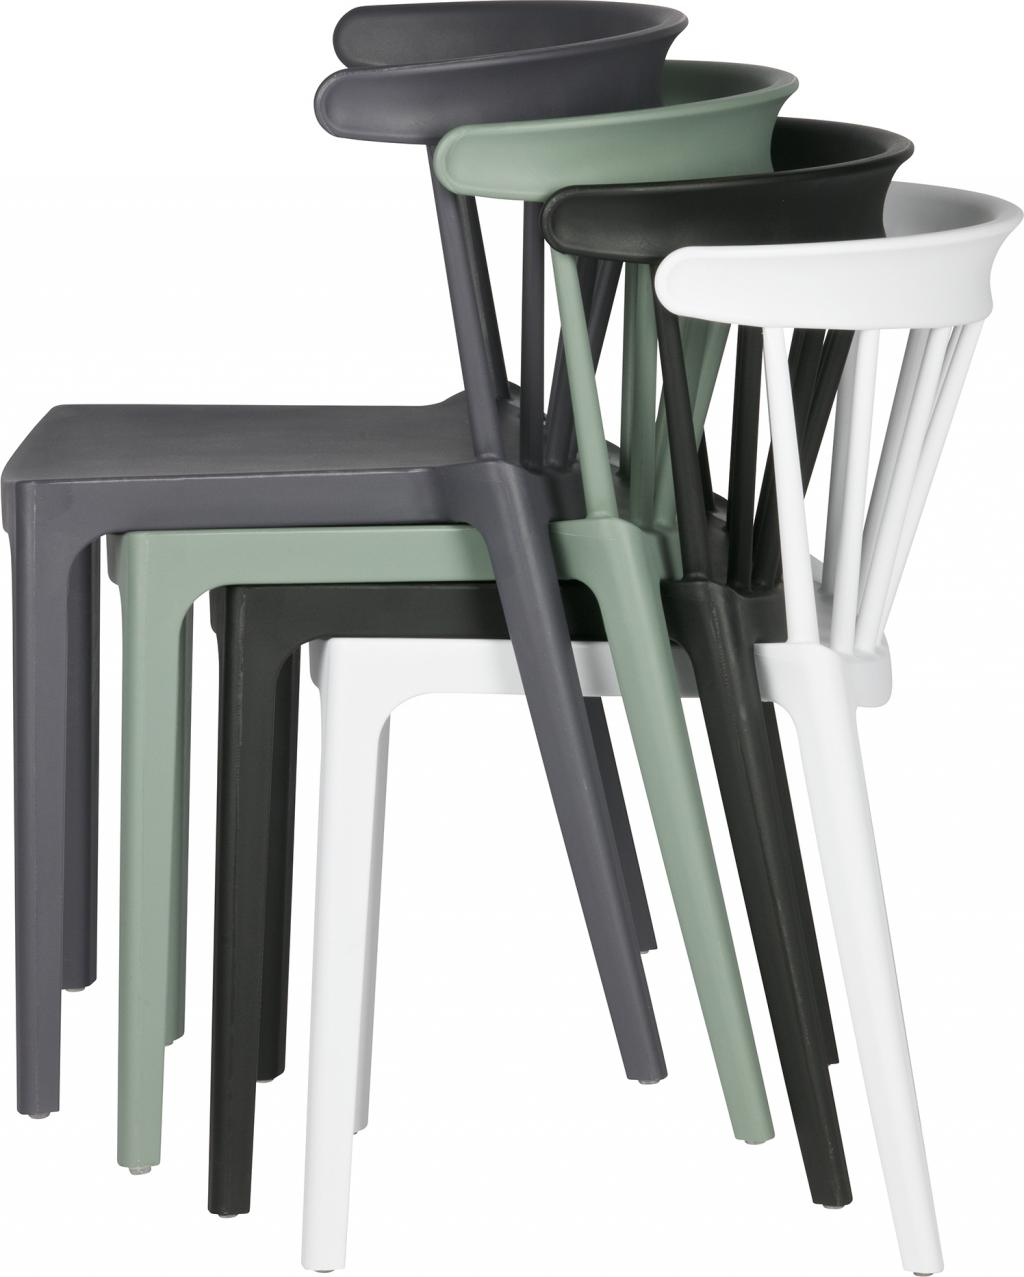 gartenstuhl bliss wei kunststoff stapelbar woood kaufen wohn und. Black Bedroom Furniture Sets. Home Design Ideas